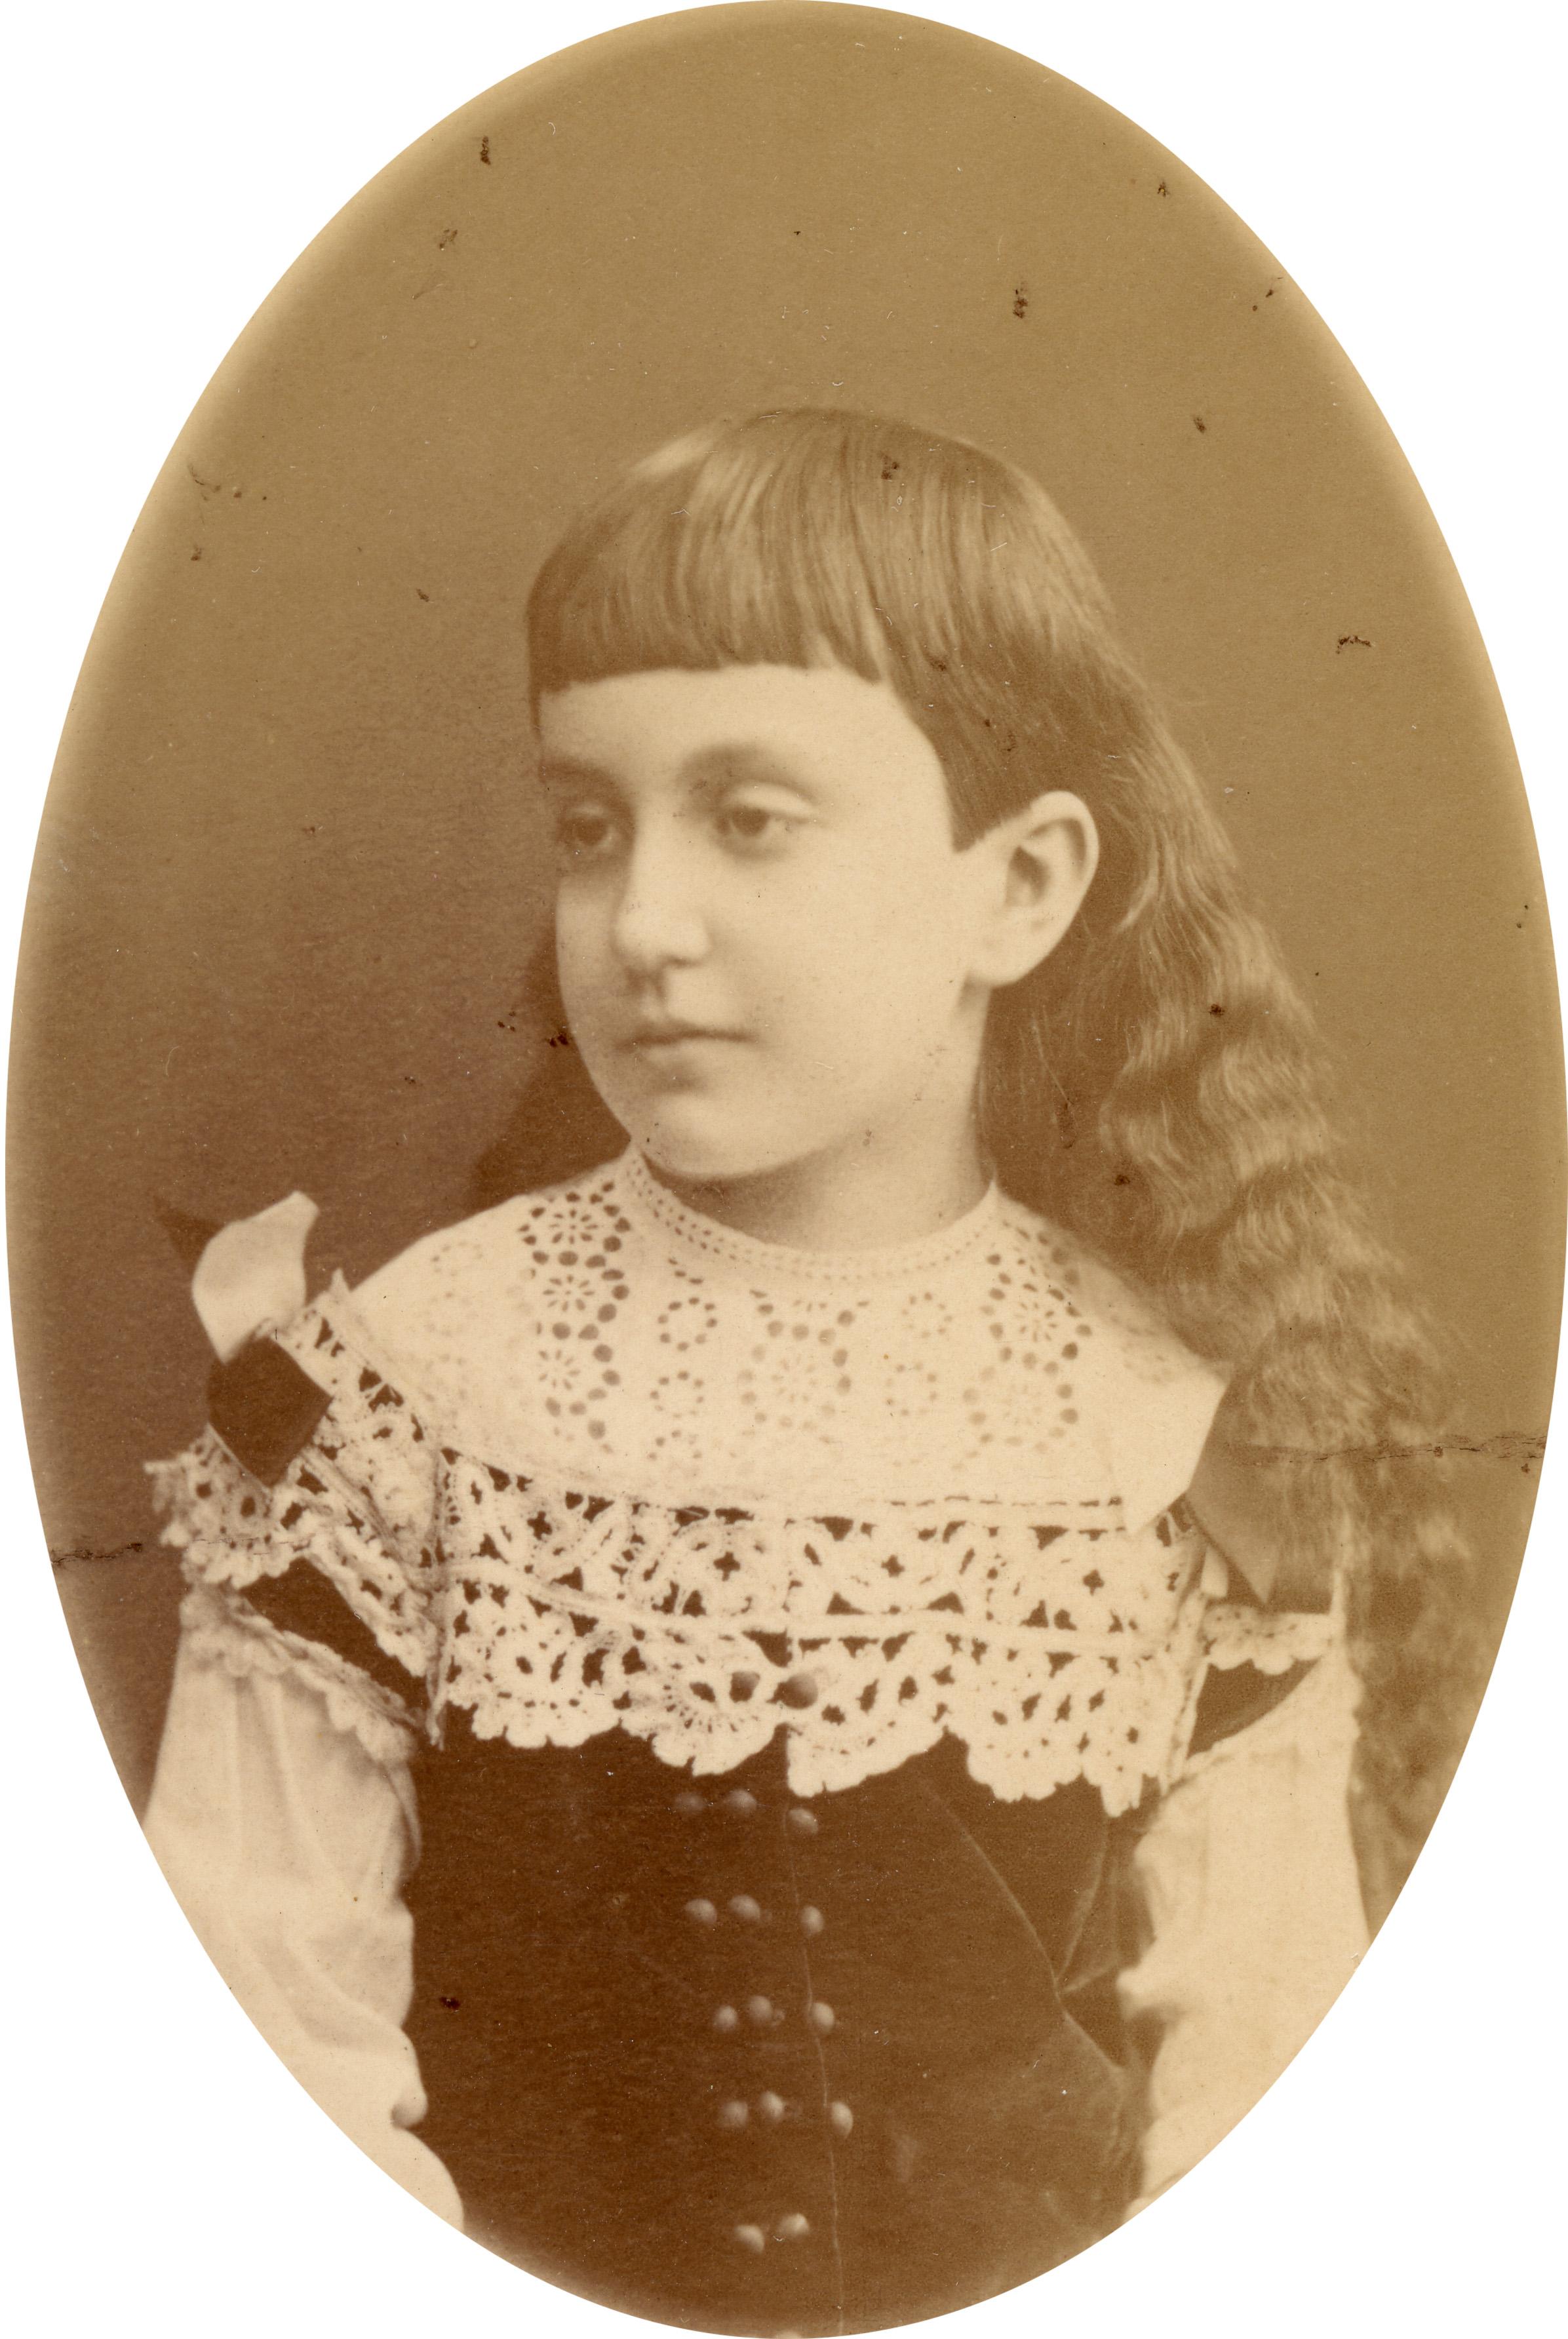 Marie Massot (Mme Félix Chancel) (1870-1935)